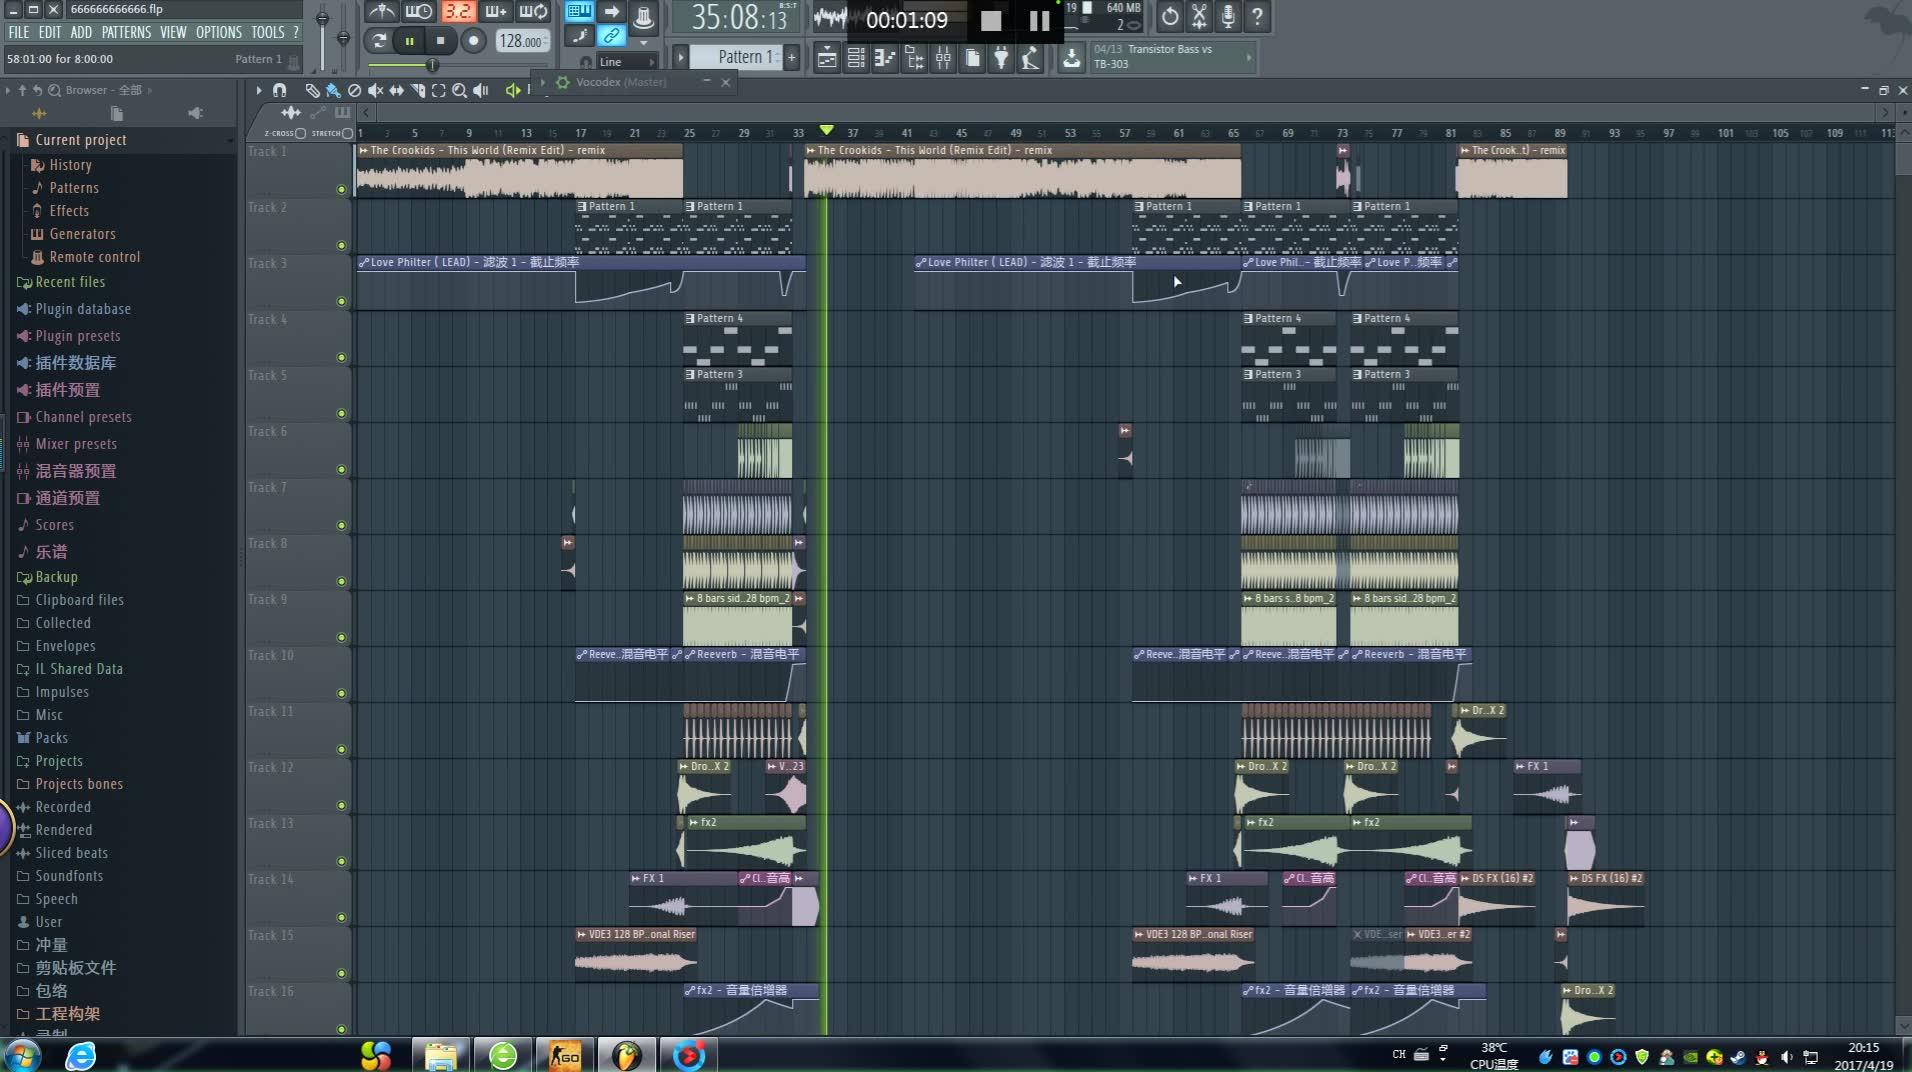 水果软件舞曲混音----This World-(百威)Remix